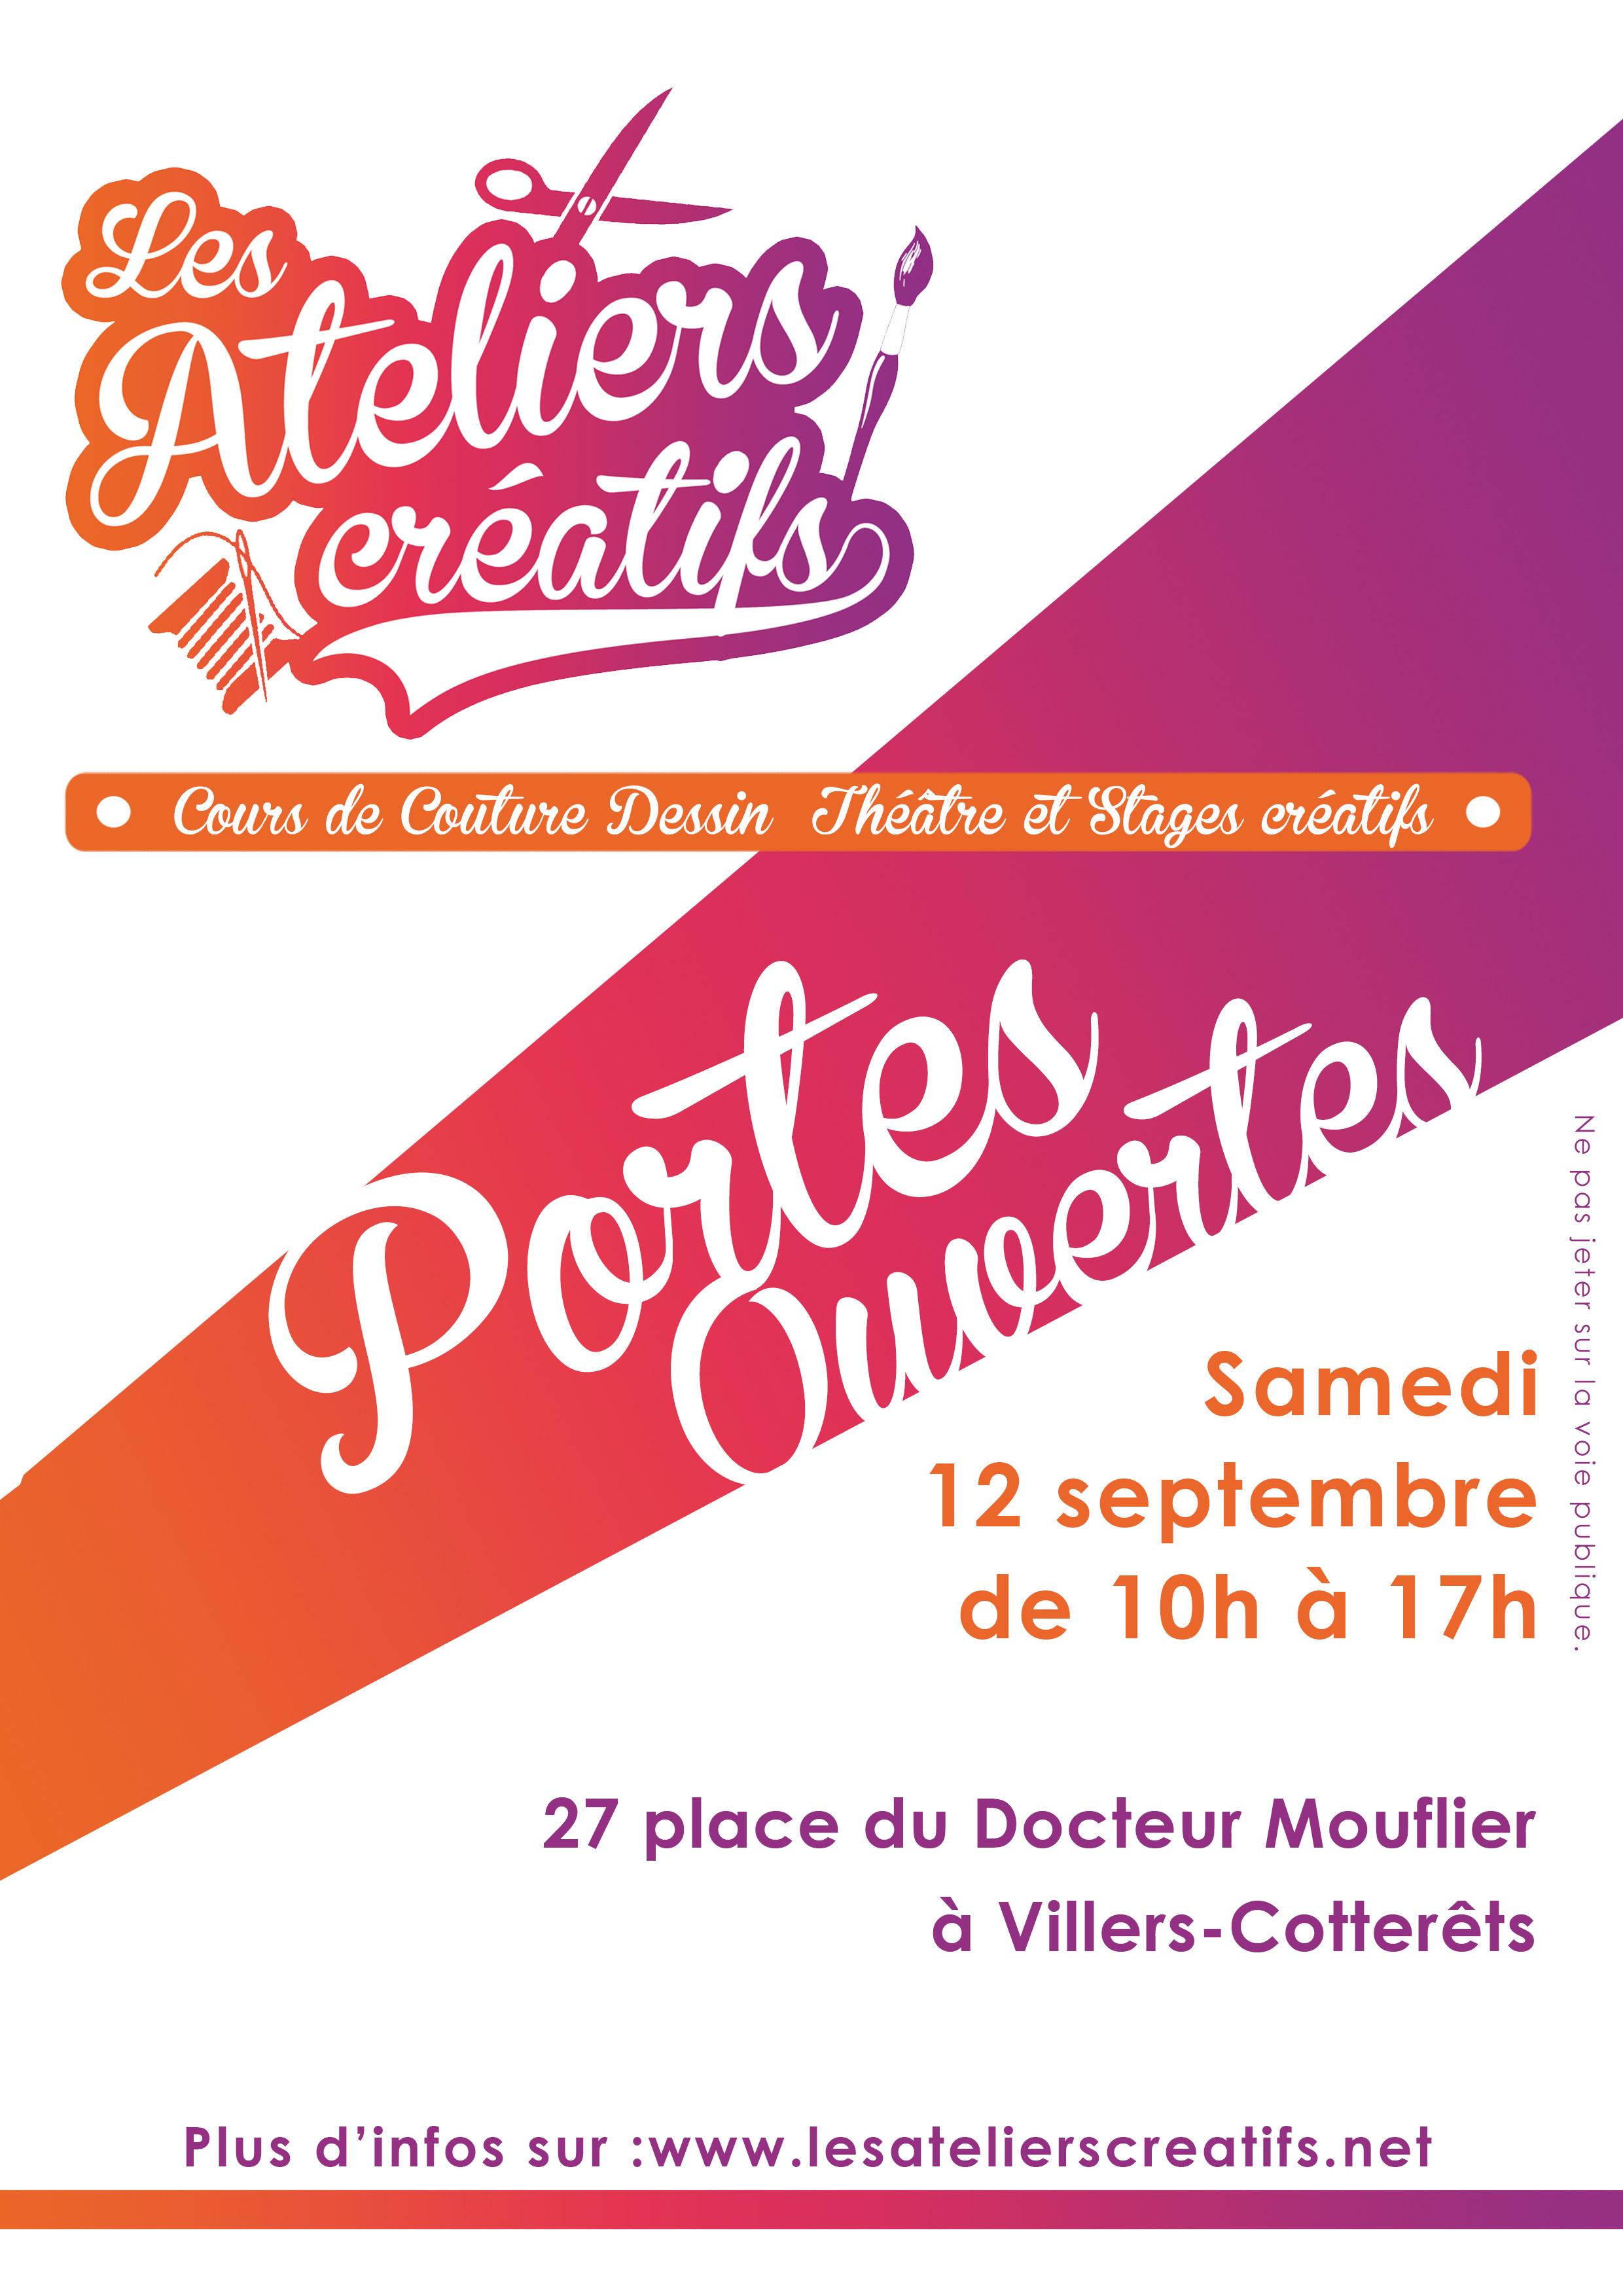 Portes ouvertes et journée d'inscriptions les ateliers créatifs à villers-cotterets